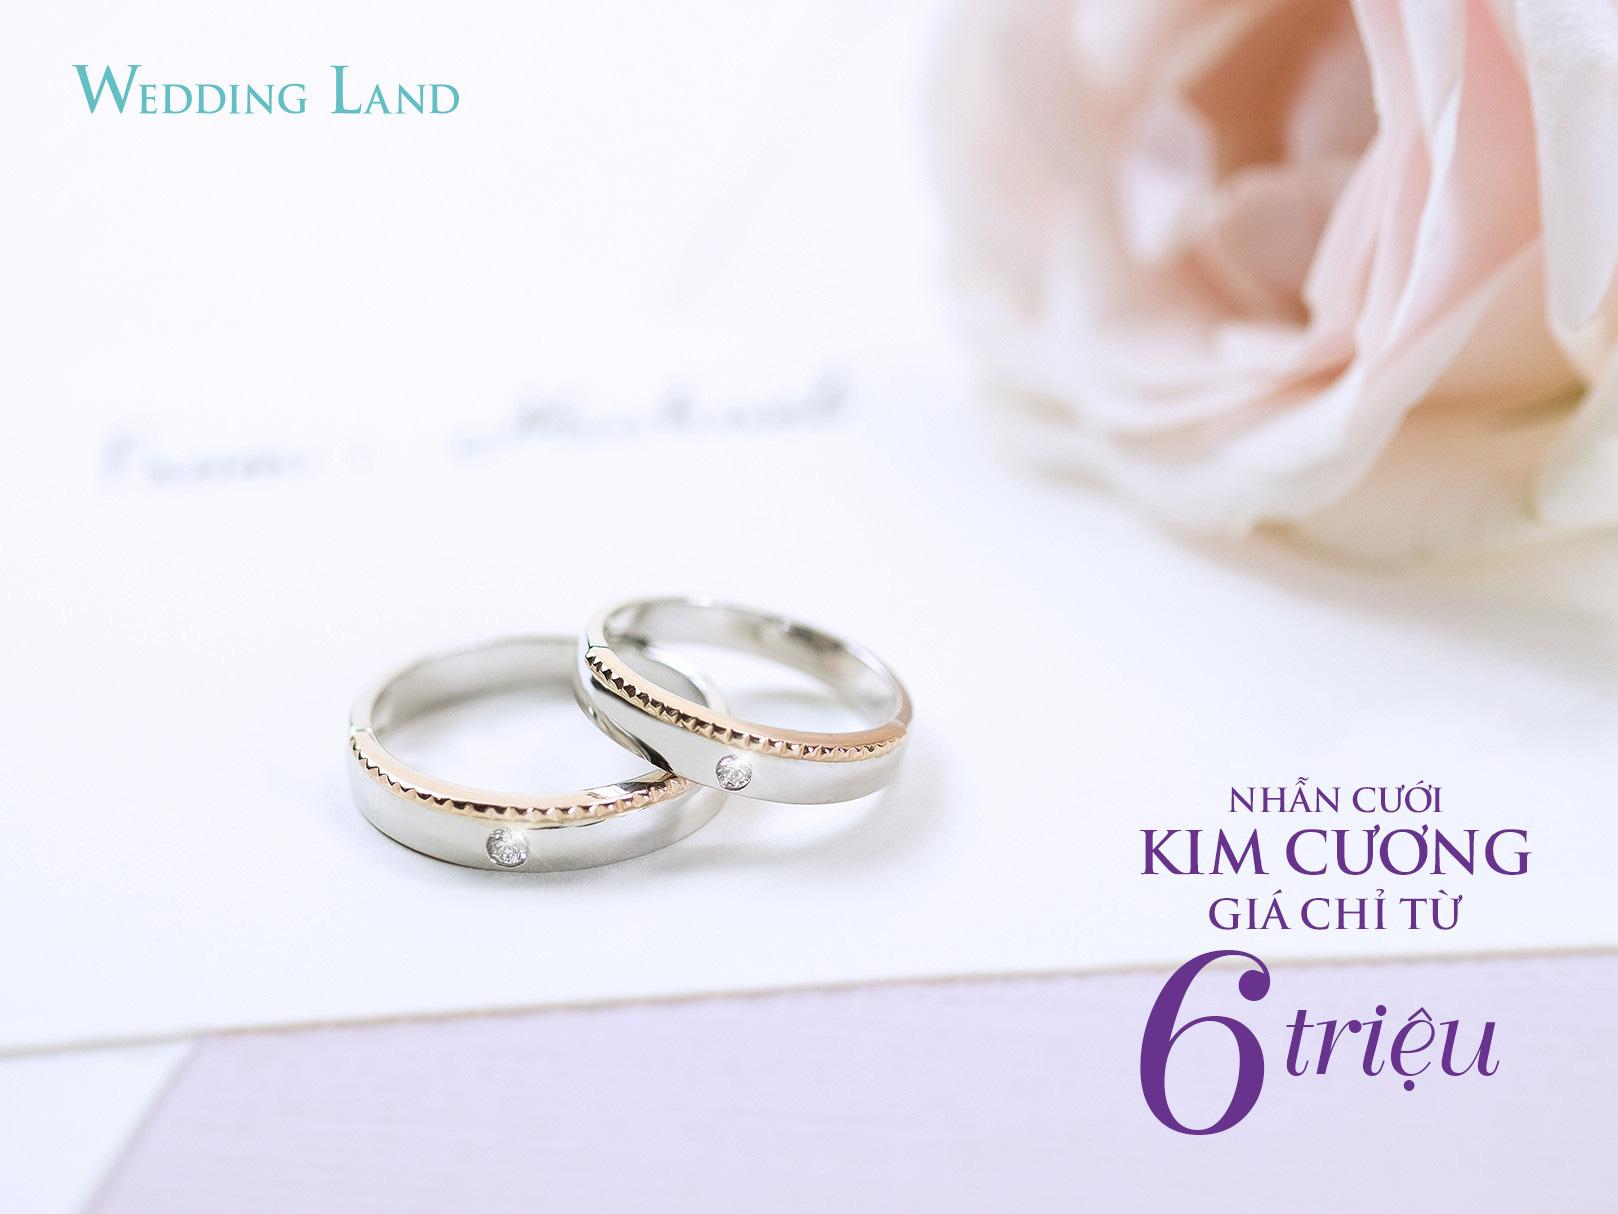 Cận cảnh nhẫn cưới kim cương giá 6 triệu đồng hot nhất thị trường - Ảnh 2.